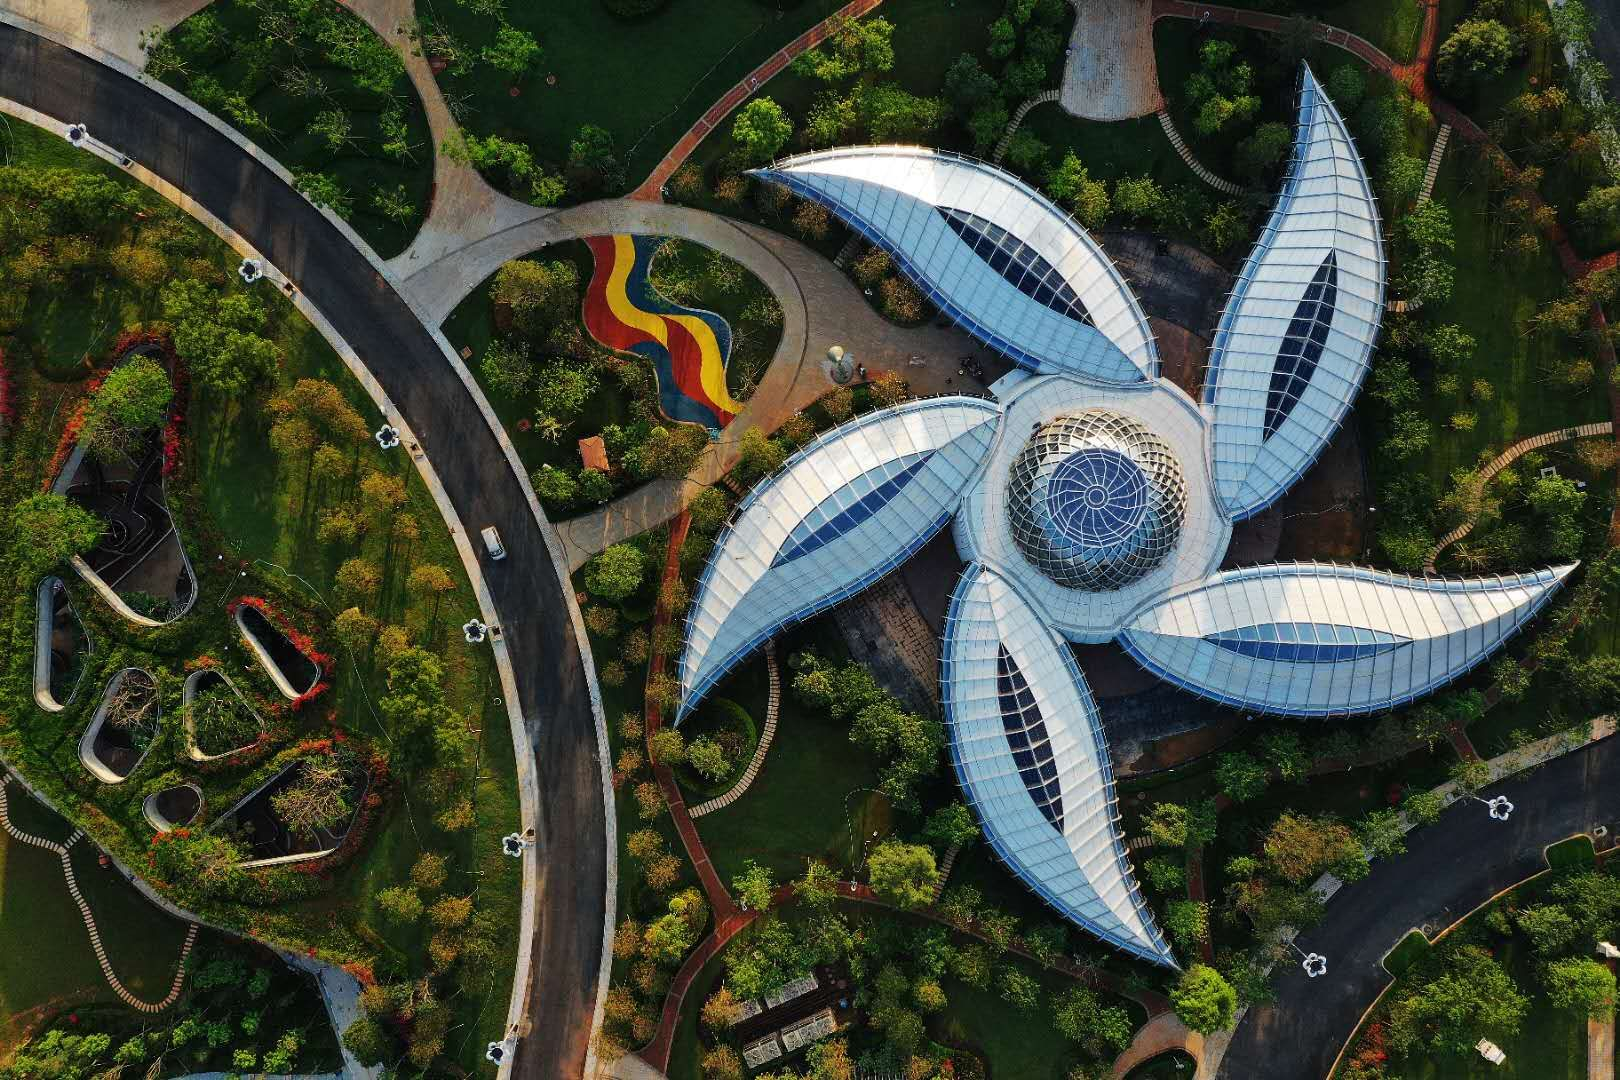 海花岛炫酷实景片展露绝美颜值 恒大匠心打造世界文旅民族品牌